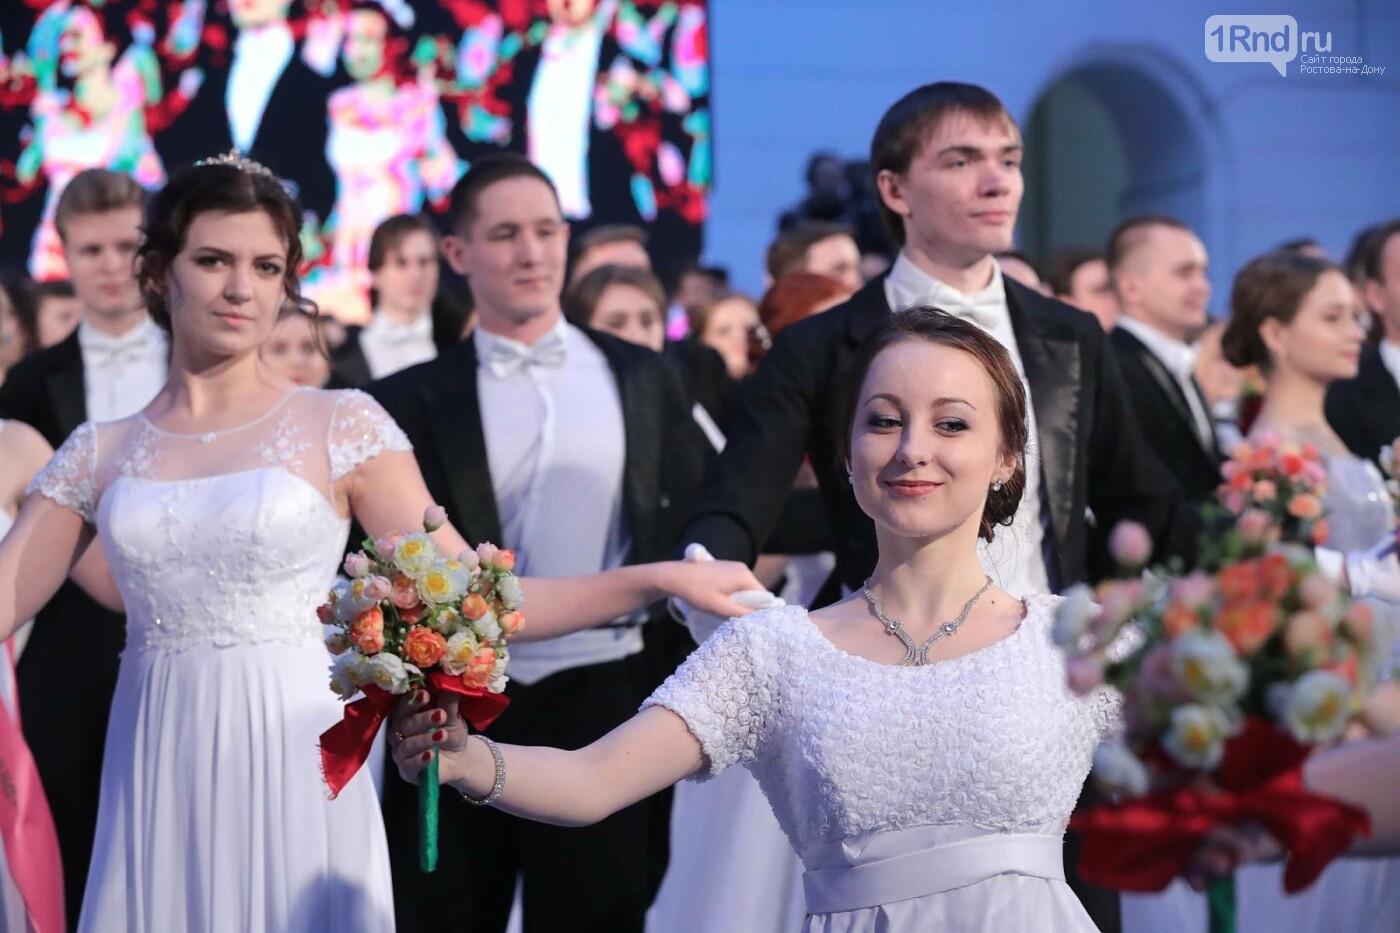 Традиционный губернаторский бал прошел в Новочеркасске, фото-4, Фото: пресс-служба губернатора Ростовской области